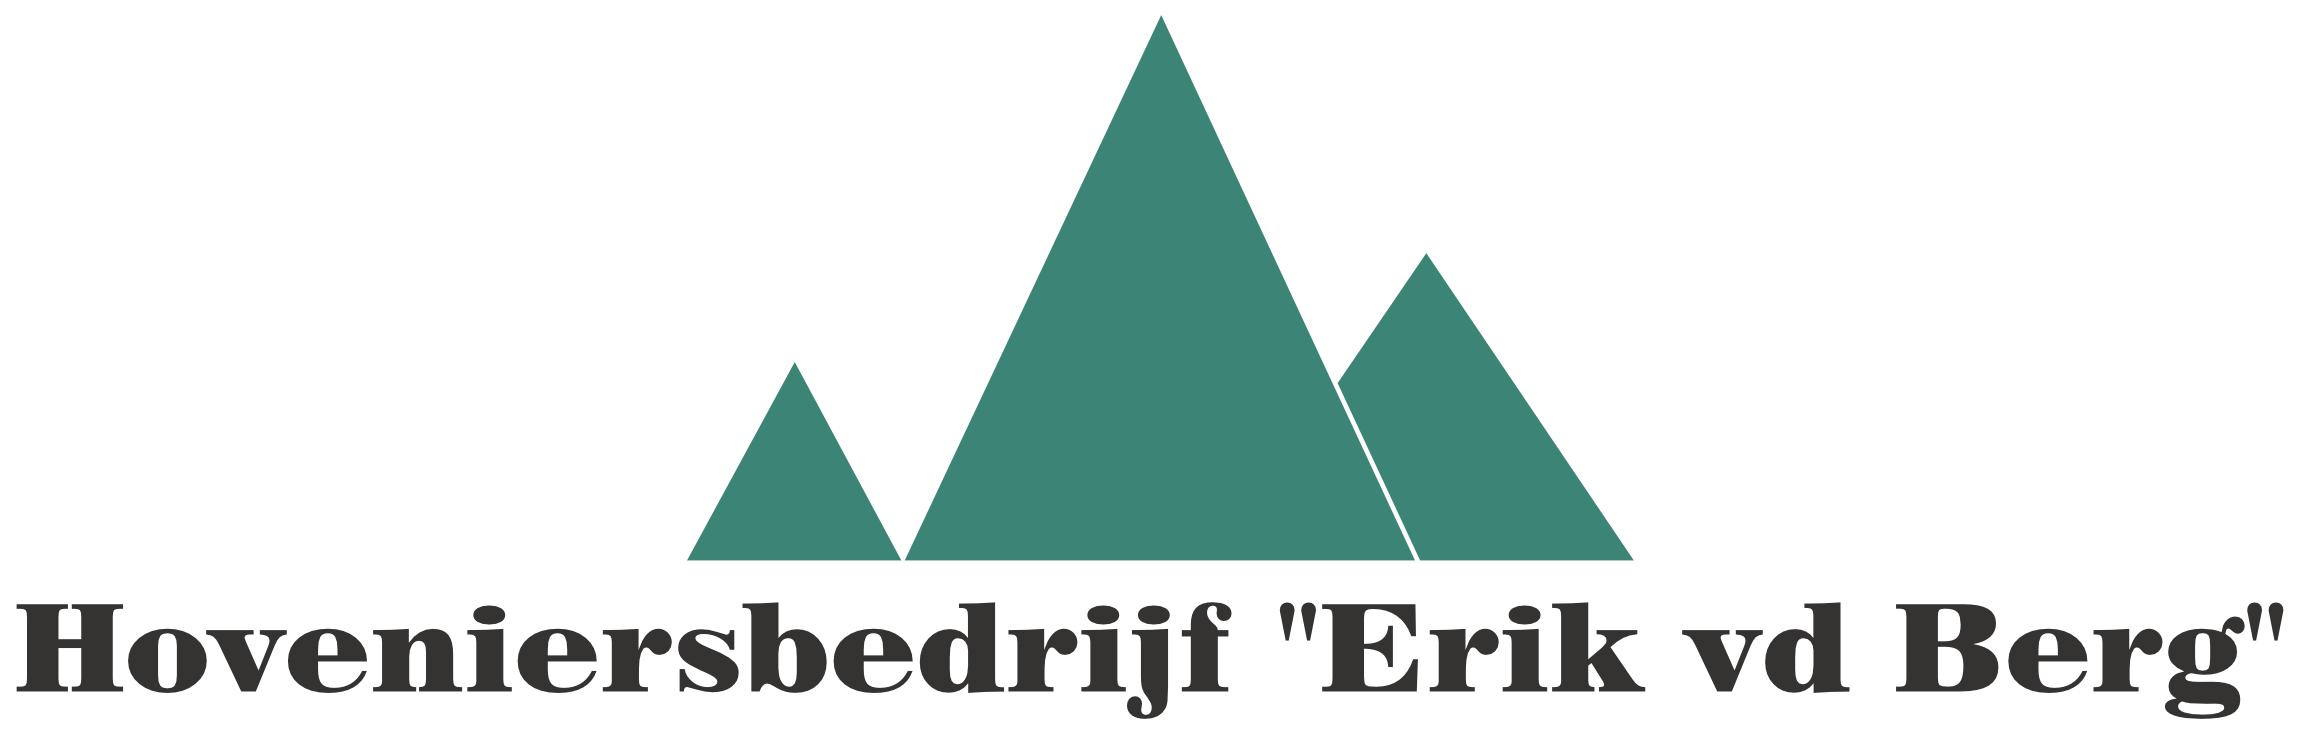 Erik vd Berg